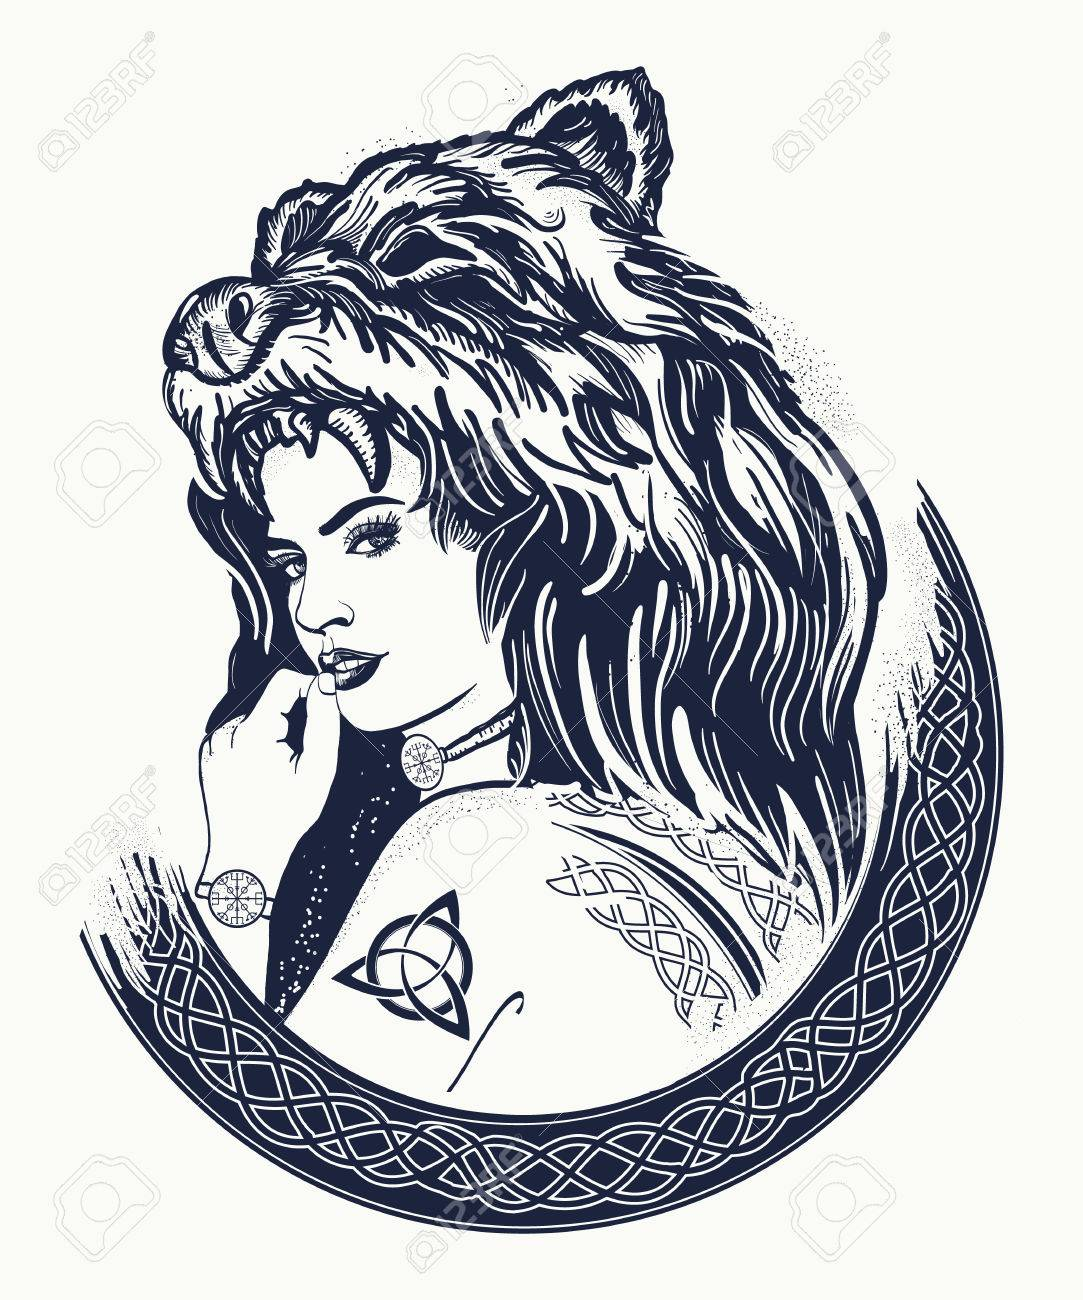 Tatouage Femme Guerriere Femme Forte Tribale Dans Une Peau D Ours Symbole De La Scandinavie Valhhala Valkyrie Fille Du Nord Conception De T Shirt Chasseur De Femme Clip Art Libres De Droits Vecteurs